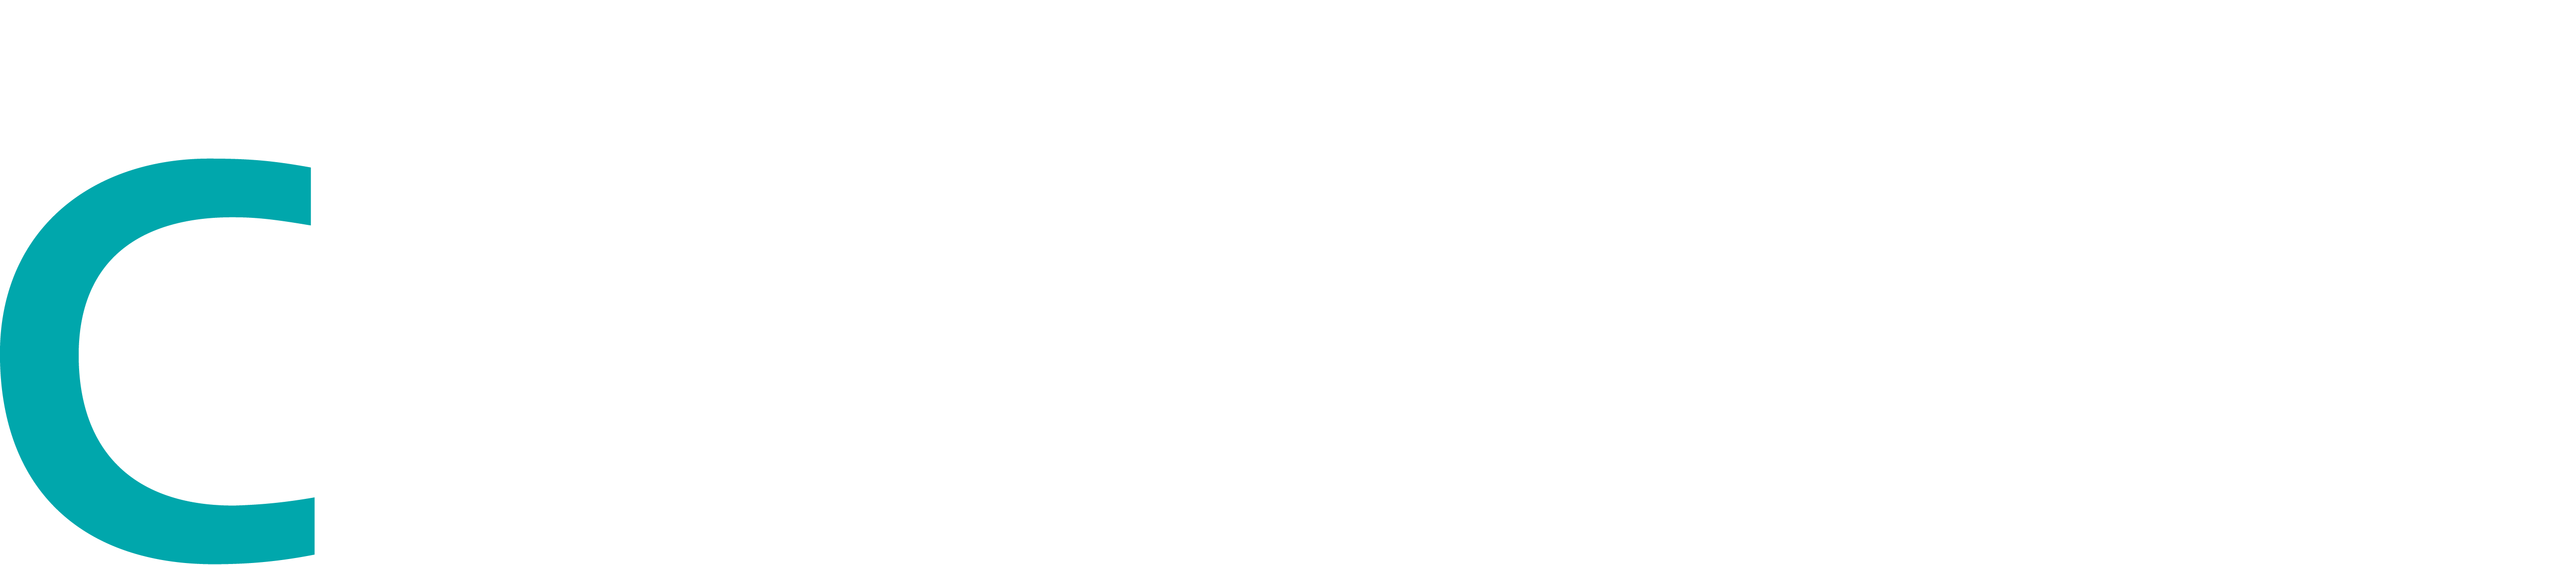 Celenia logo